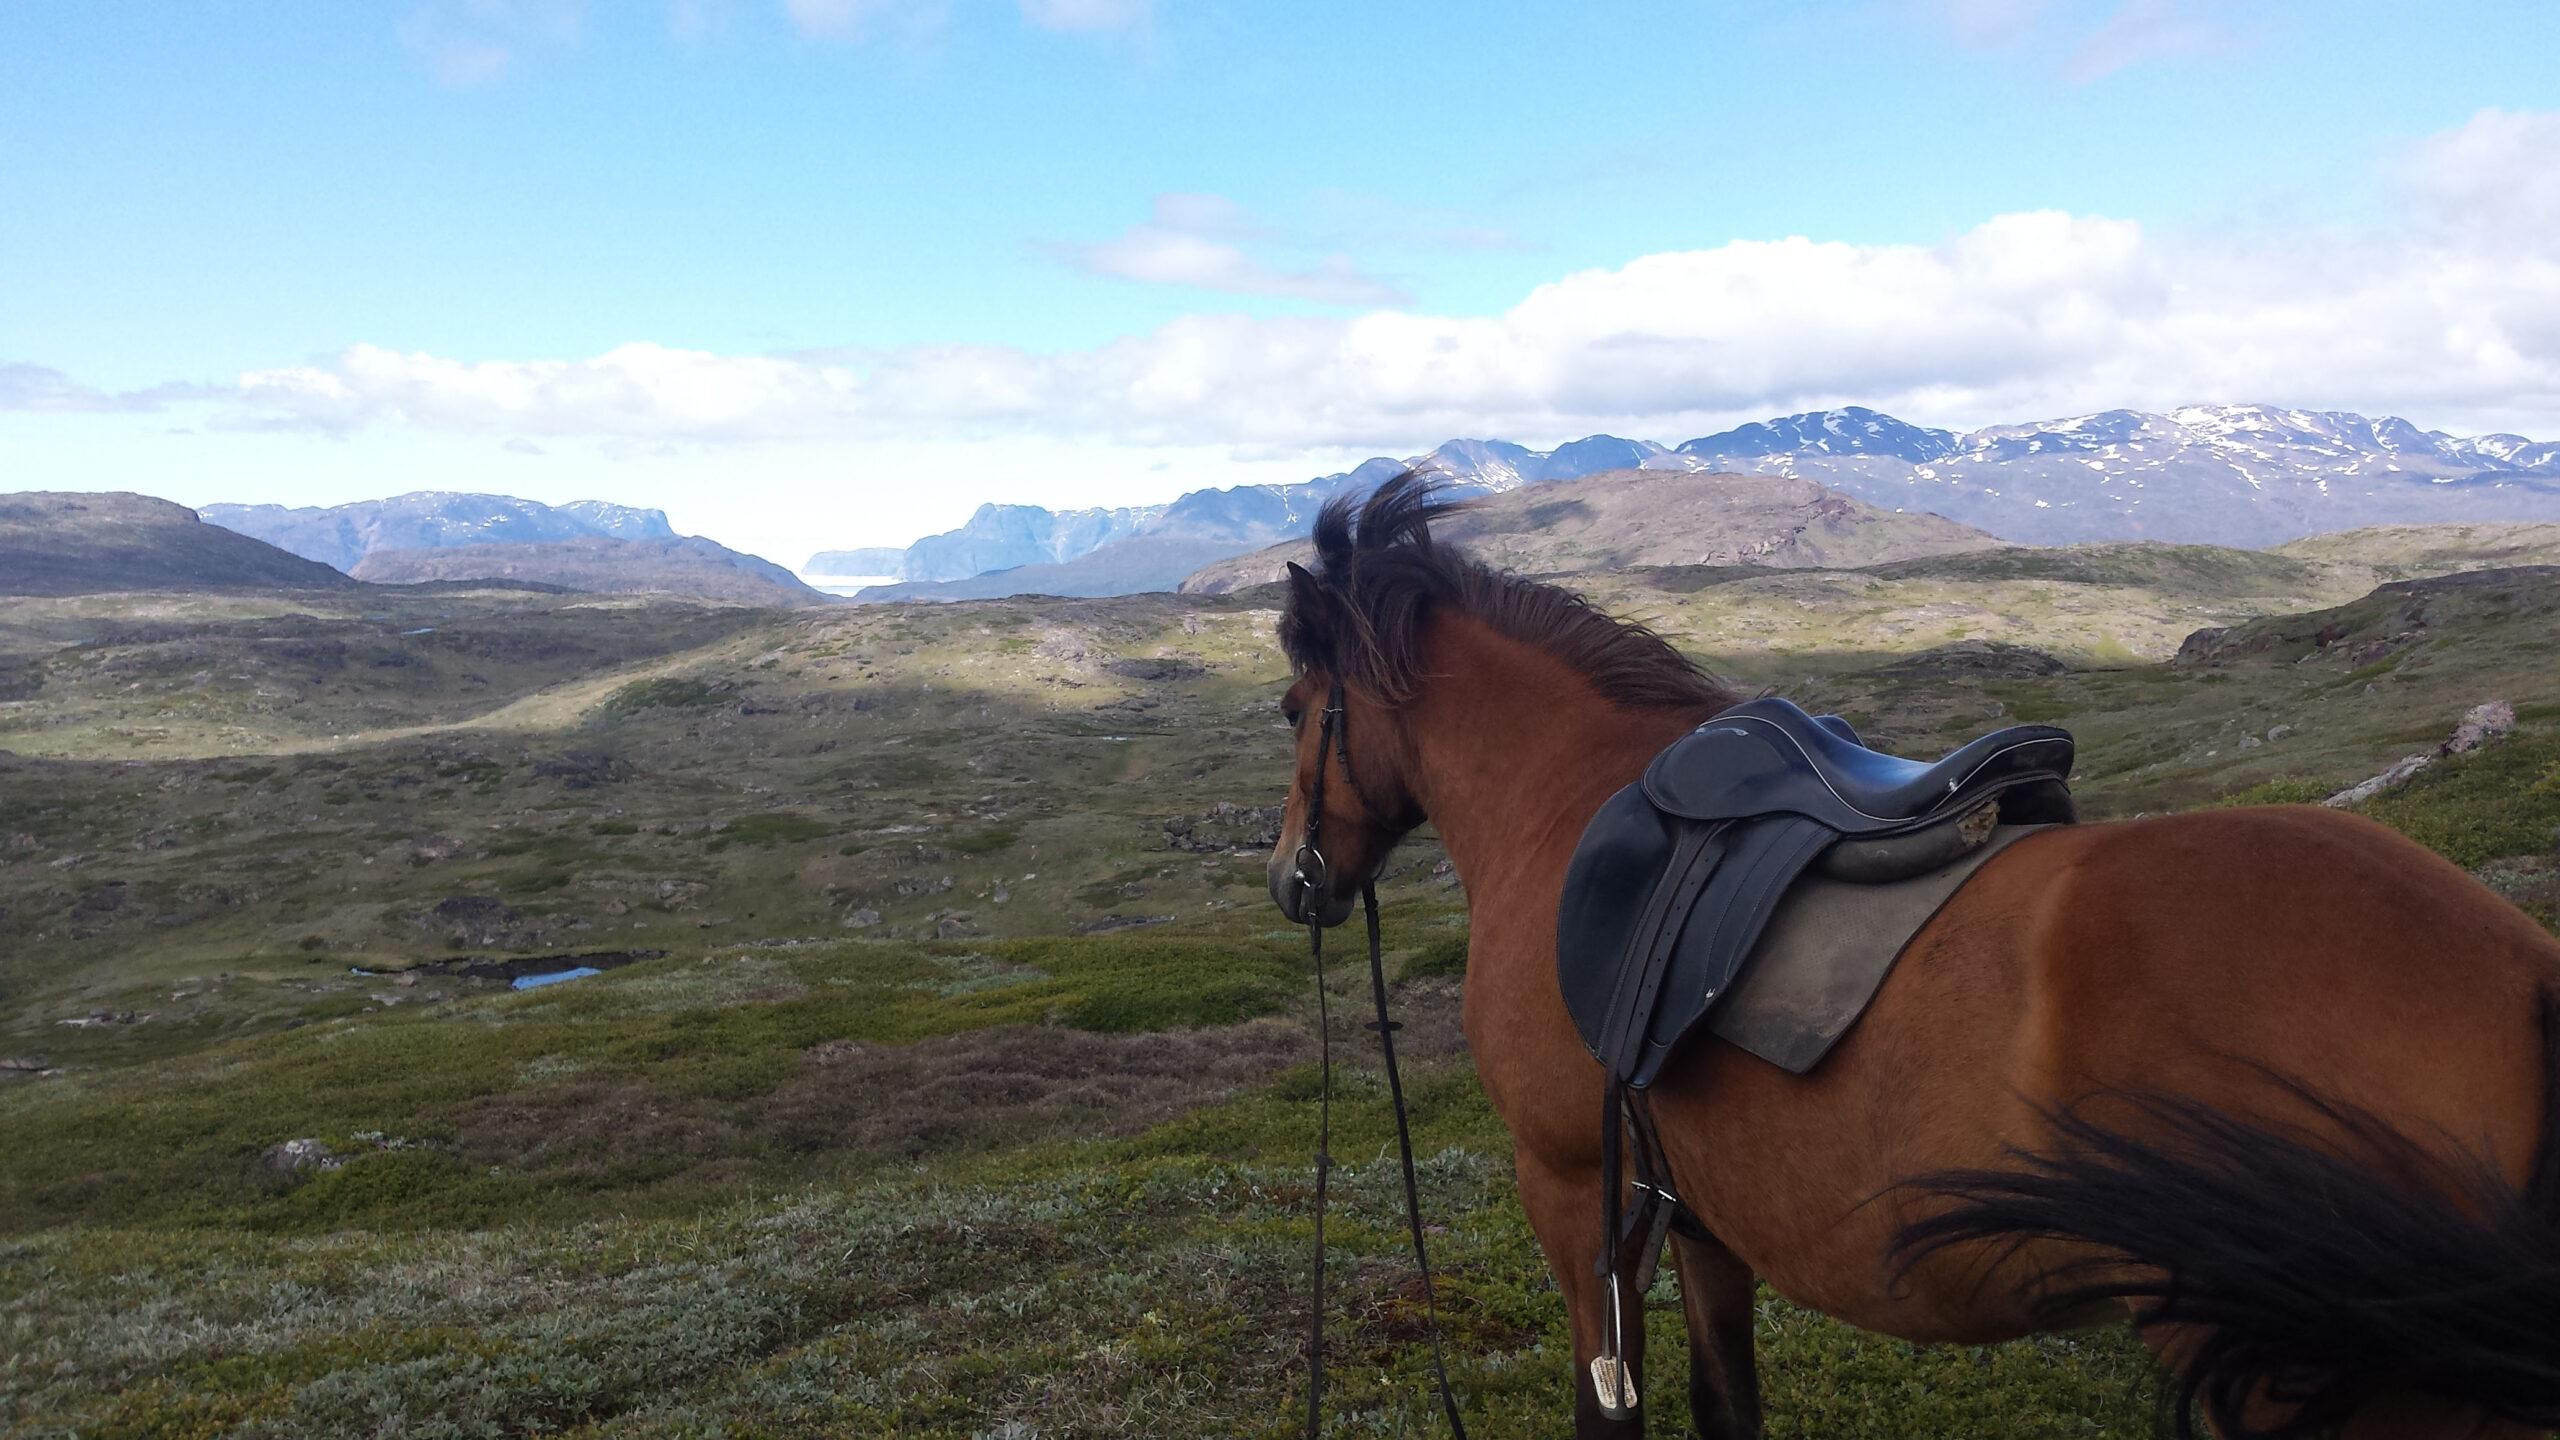 Paardrijden in Groenland - Vakantie te paard / Reisbureau Perlan